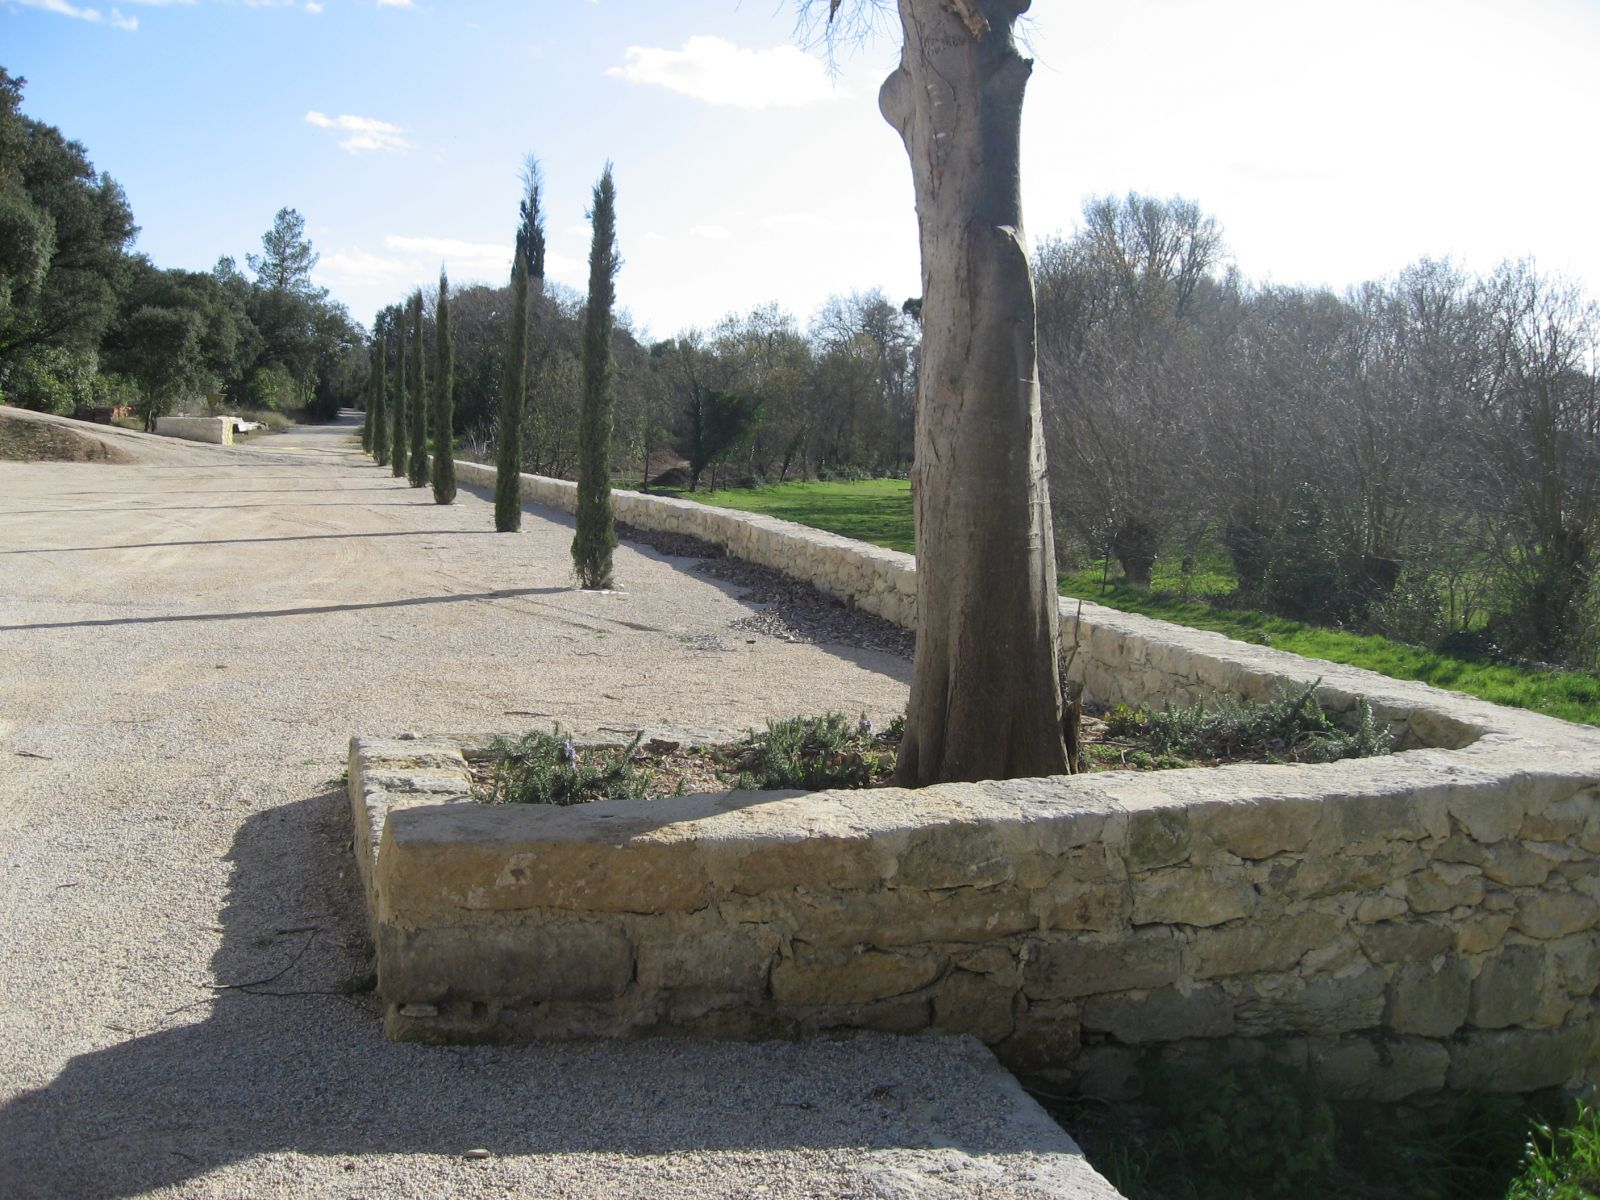 Murs pierre constructeur maison gard vielles demeures d for Constructeur piscine gard